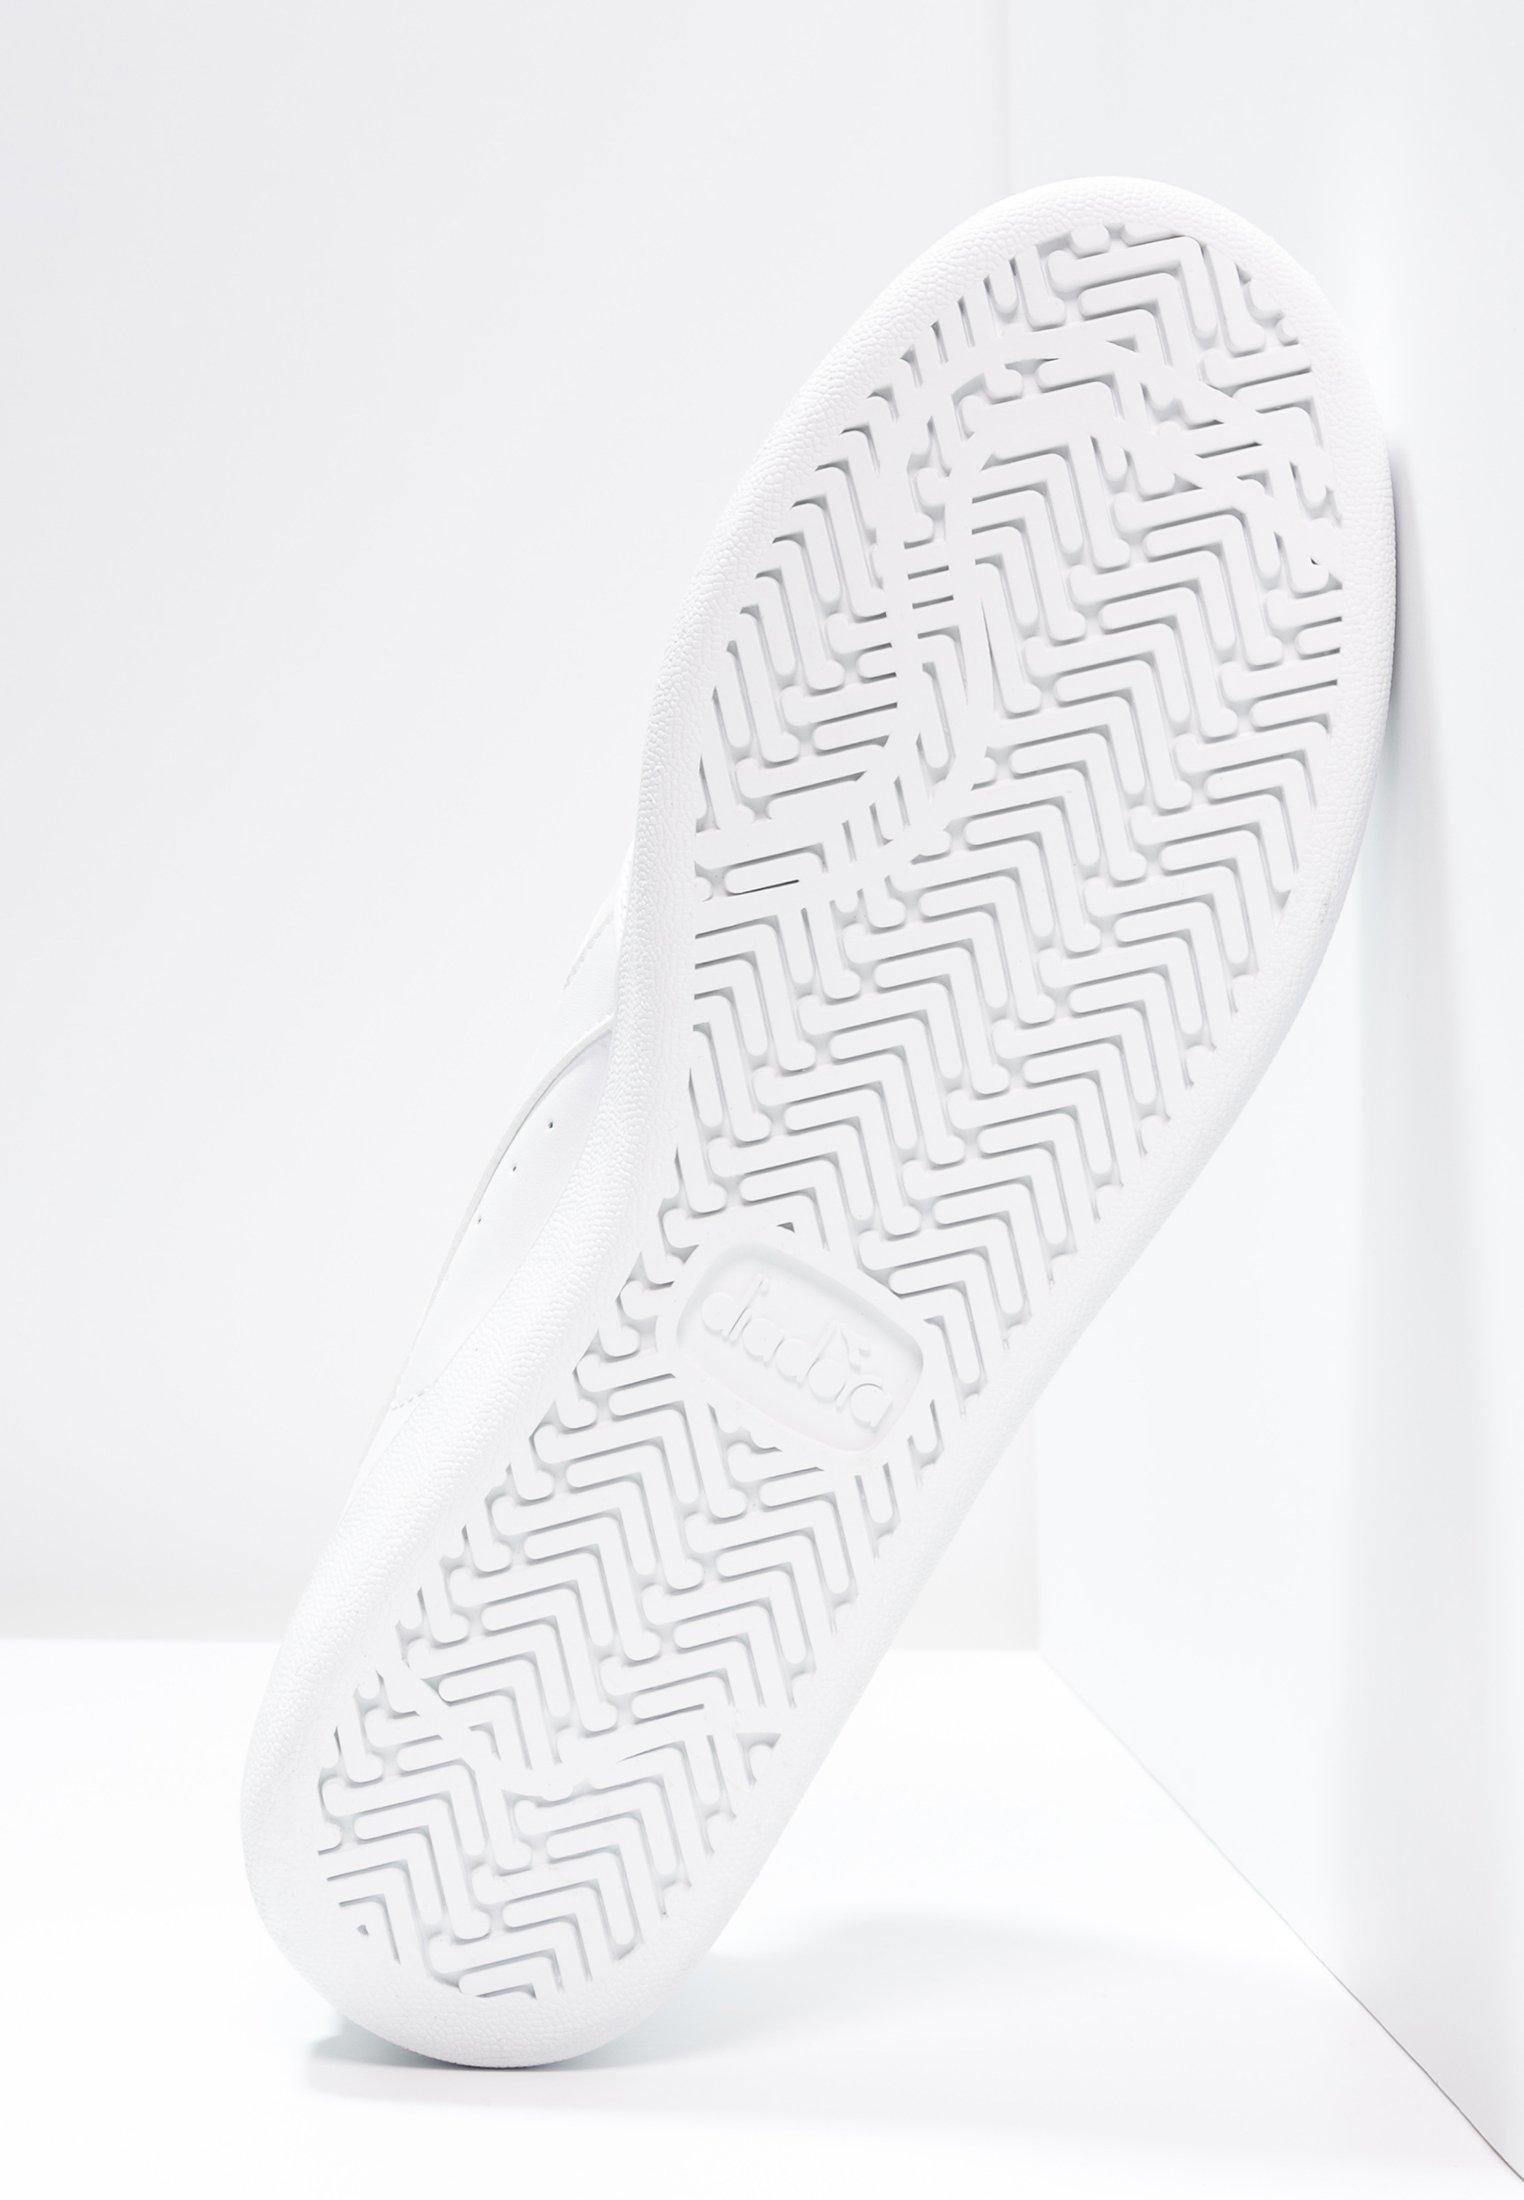 White Basse eliteSneakers Diadora Diadora eliteSneakers B Diadora B Basse White B eliteSneakers Basse FK3TJcul15